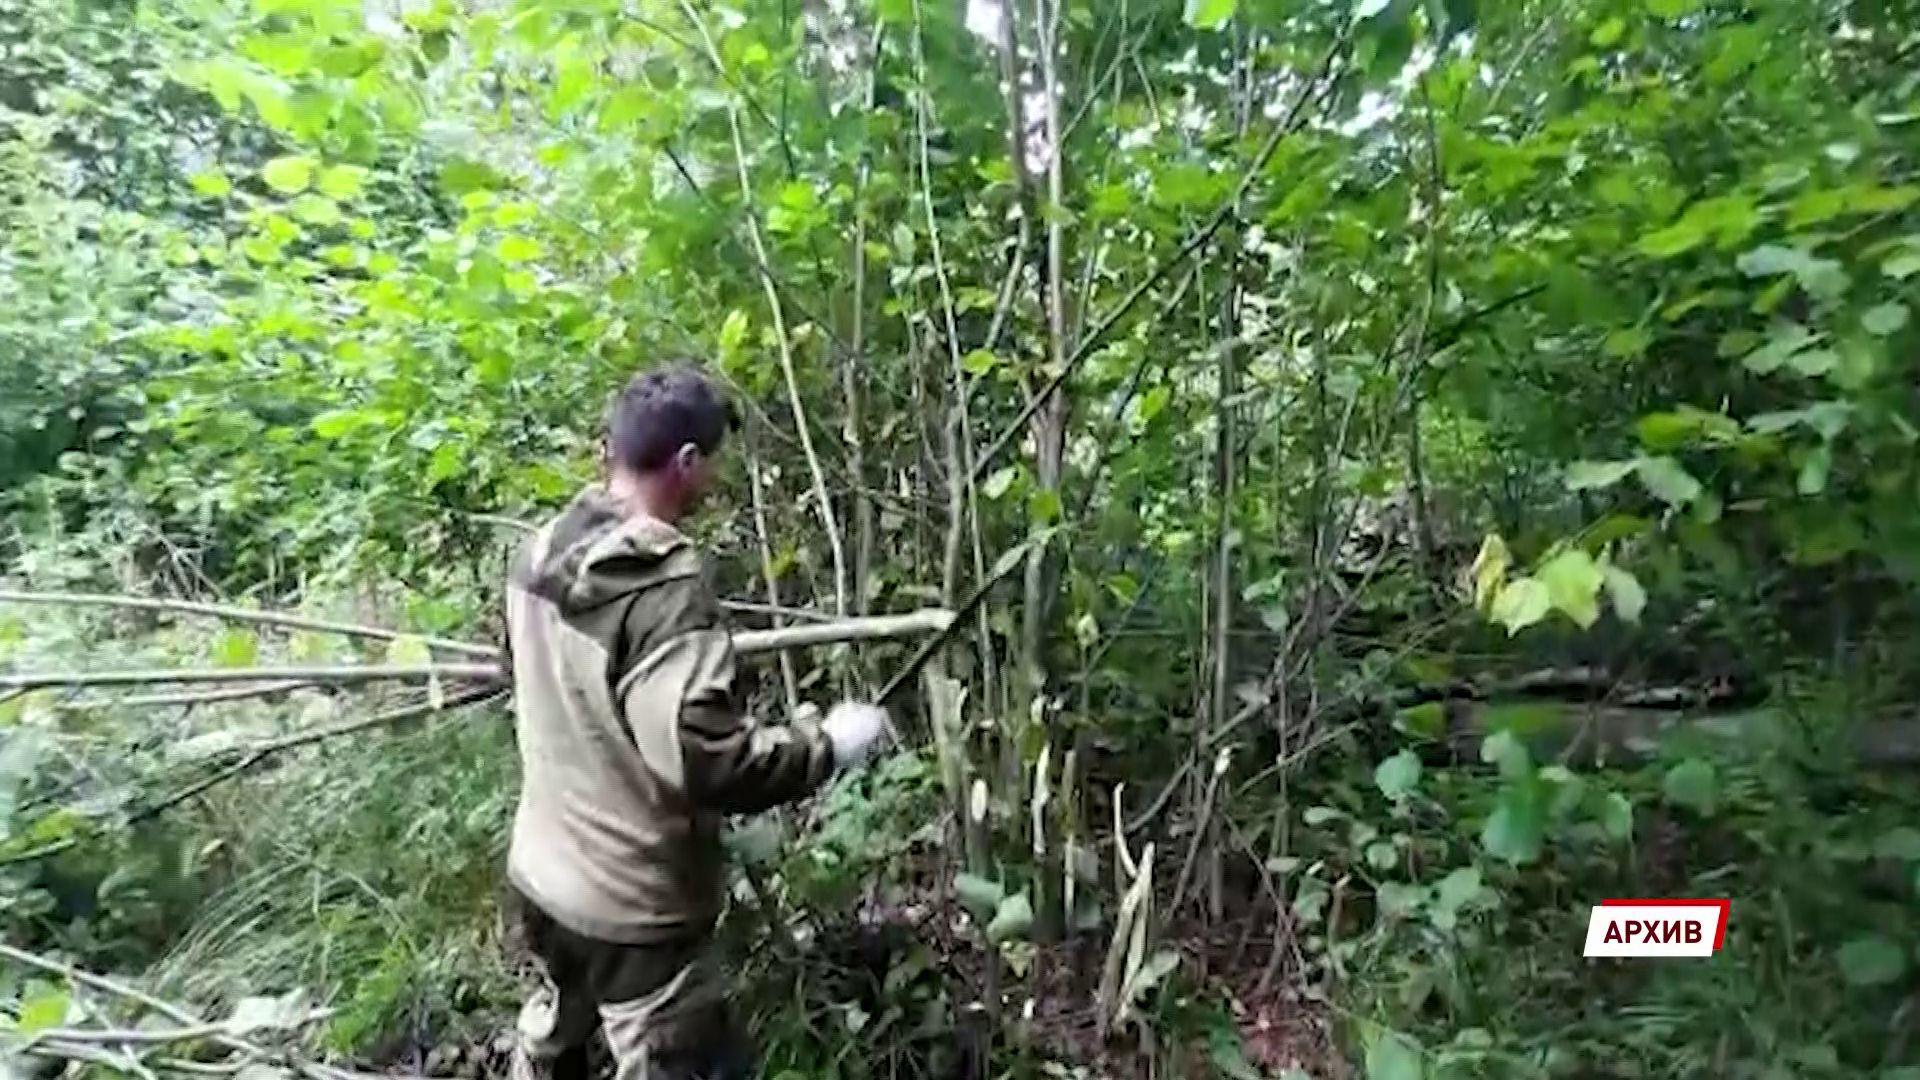 Рыбинец вырубил лес на три миллиона рублей